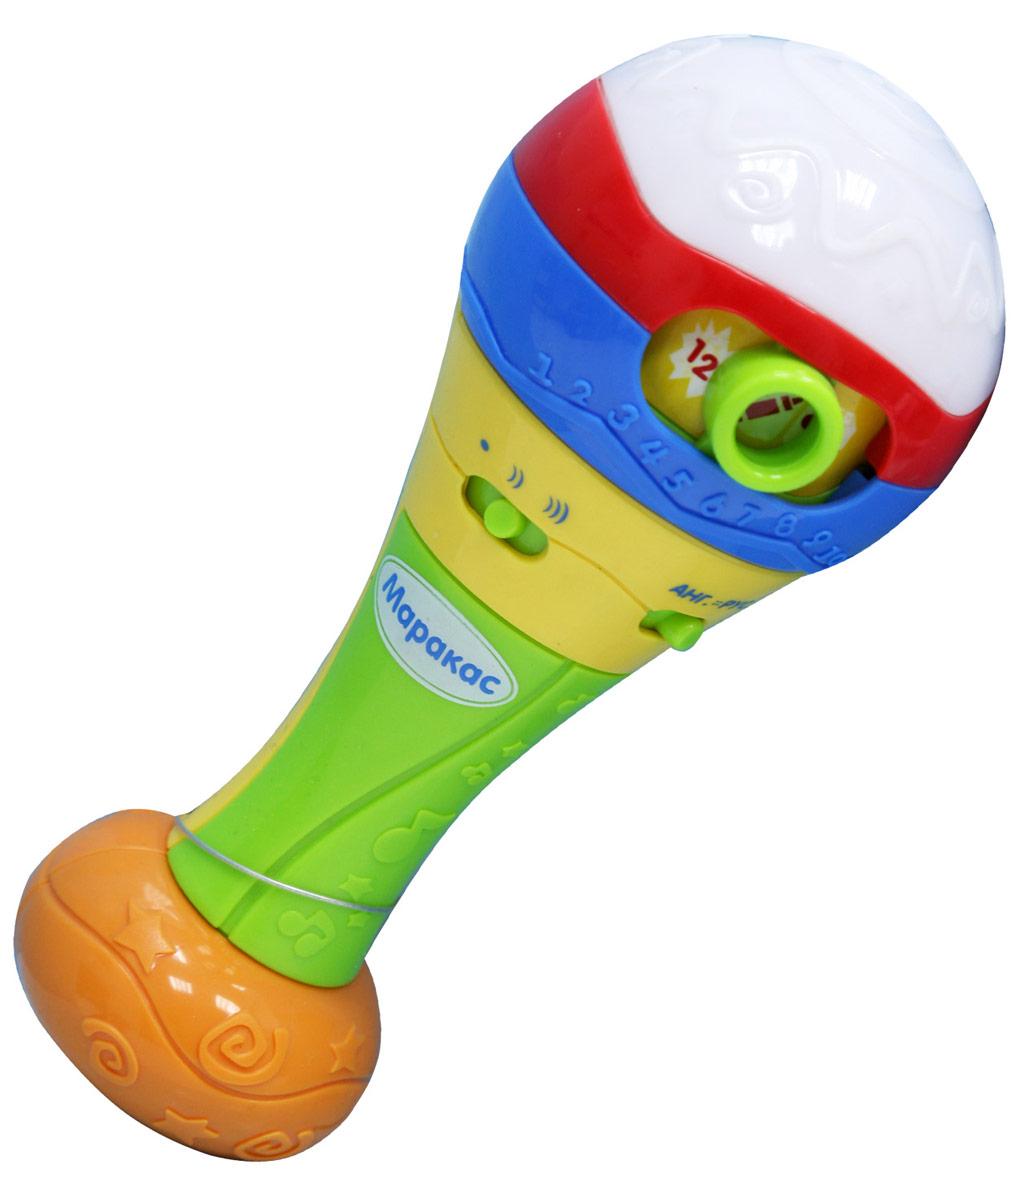 Veld Музыкальная игрушка МаракасJ905-H05005Играй и обучайся с красочным маракасом! С помощью игрушки ребенок сможет выучить цифры, цвета и послушать зажигательные мелодии. Маракас имеет 3 режима игры: изучение цветов, изучение счета от 1 до 10 и музыкальный режим, переключатели уровня громкости и языка обучения (английский и русский). Маракас нужно встряхнуть для того, чтобы поменялась информация в зависимости от выбранного режима работы. Игрушка мигает и светится разными цветами.